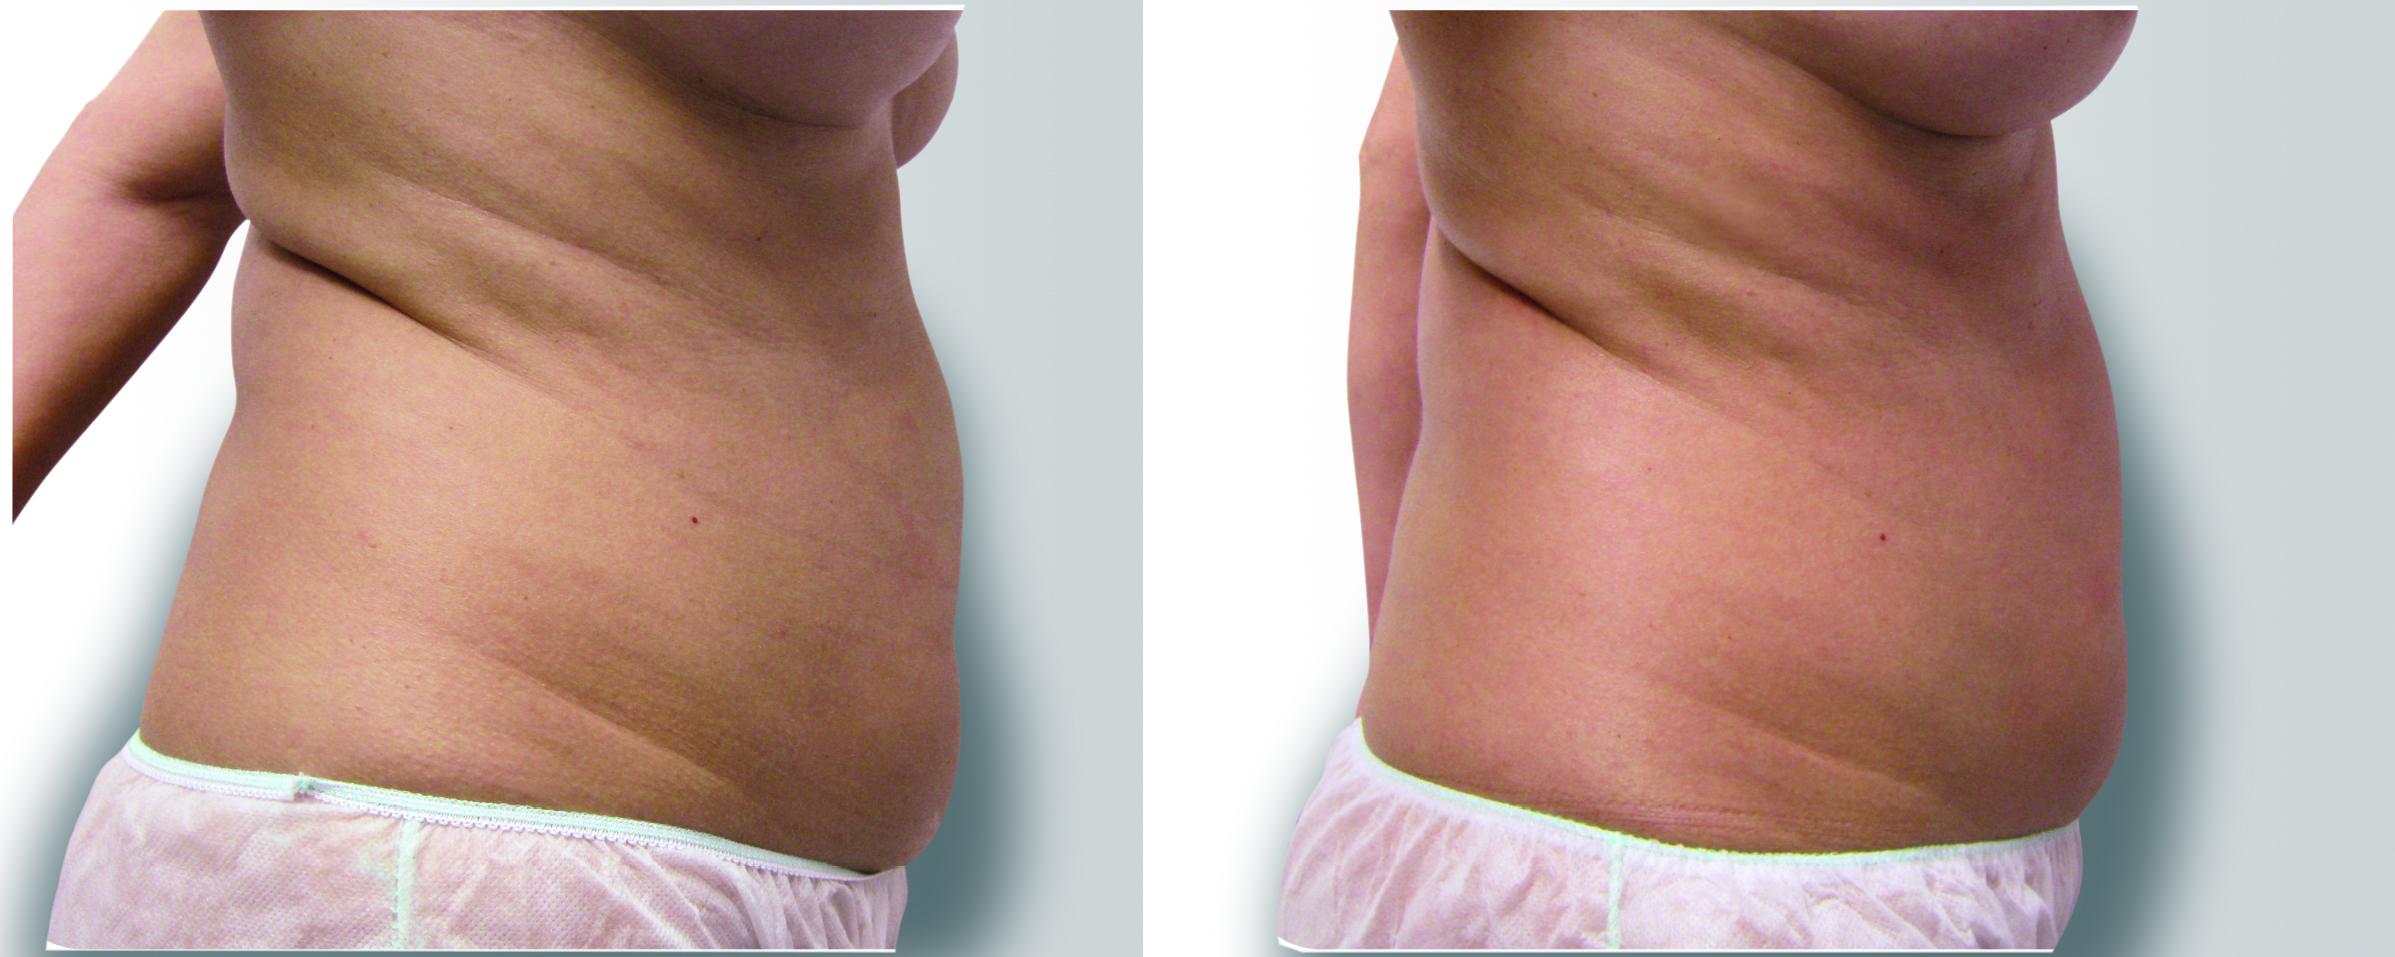 antes y despues corporal indiba